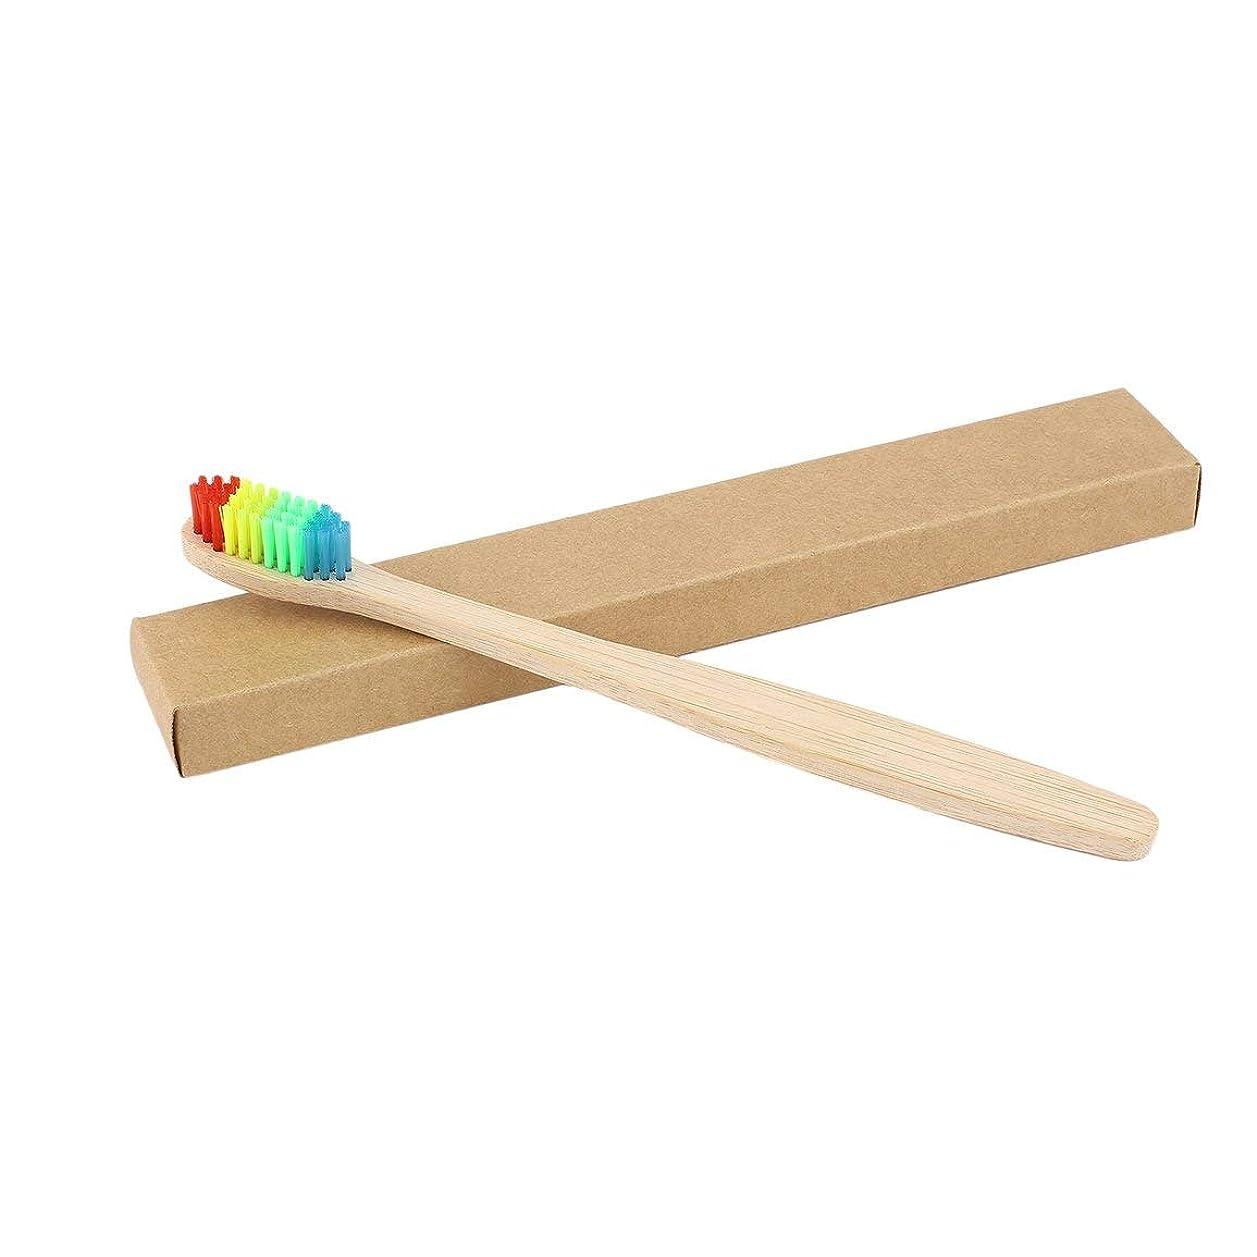 ベッドコーナー打たれたトラックカラフルな髪+竹のハンドル歯ブラシ環境木製の虹竹の歯ブラシオーラルケアソフト剛毛ユニセックス - ウッドカラー+カラフル